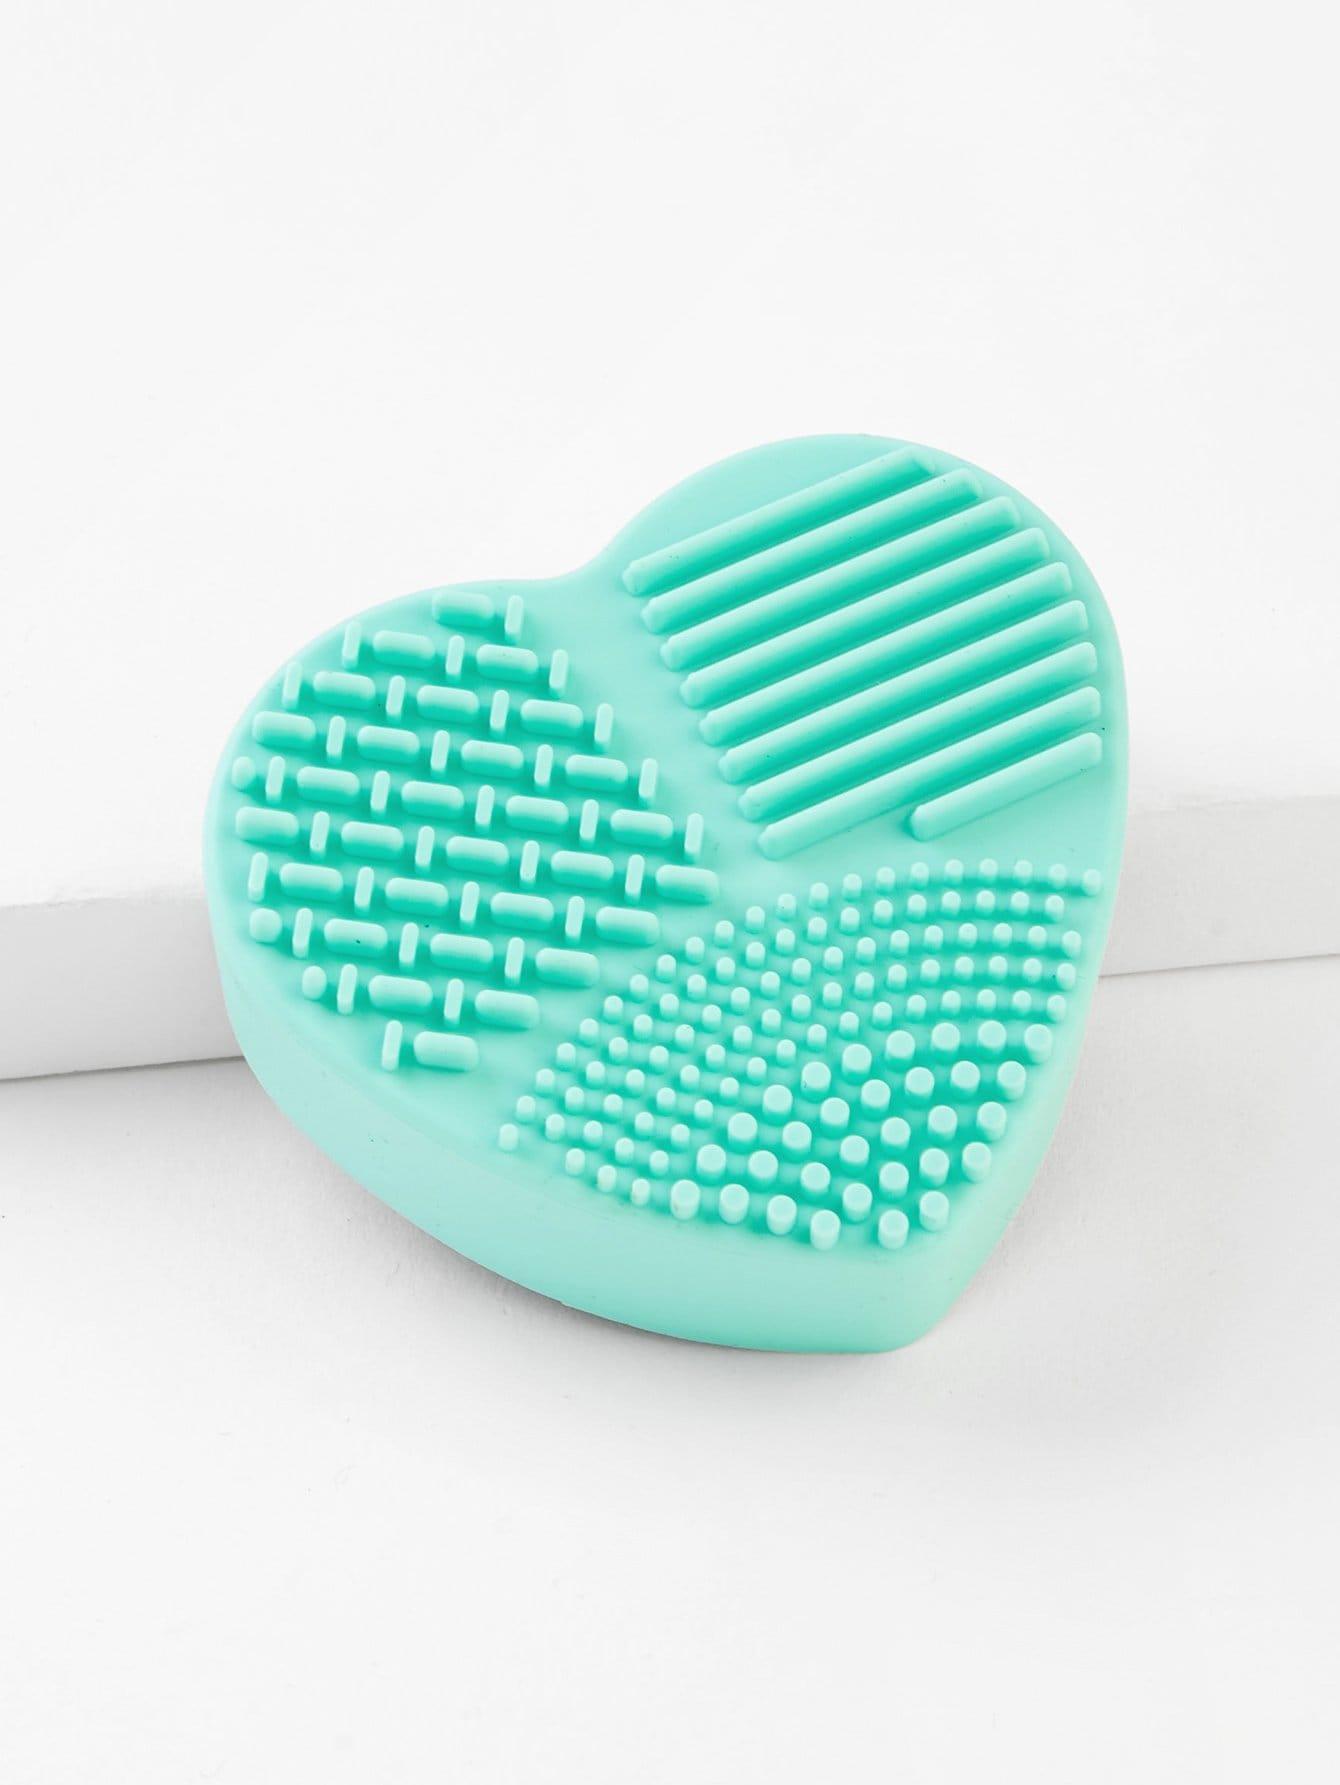 Купить Чистая кисть для макияжа в форме сердца, null, SheIn